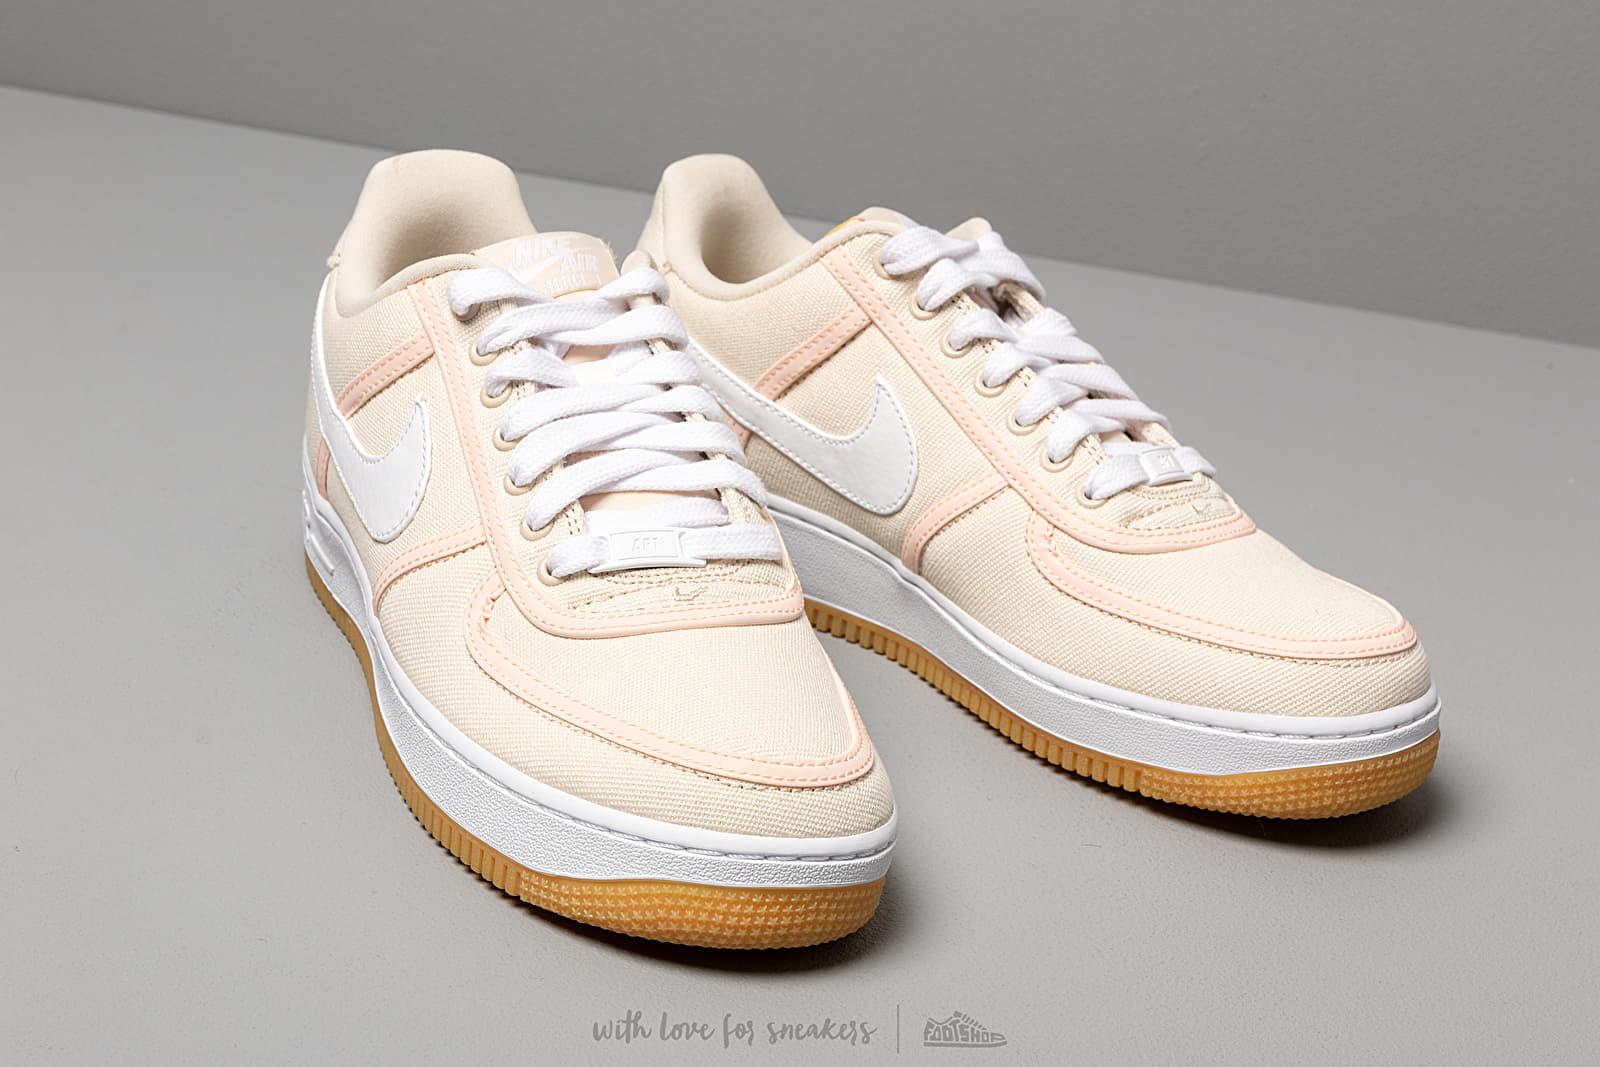 nike air force 1 07 prm sail beige